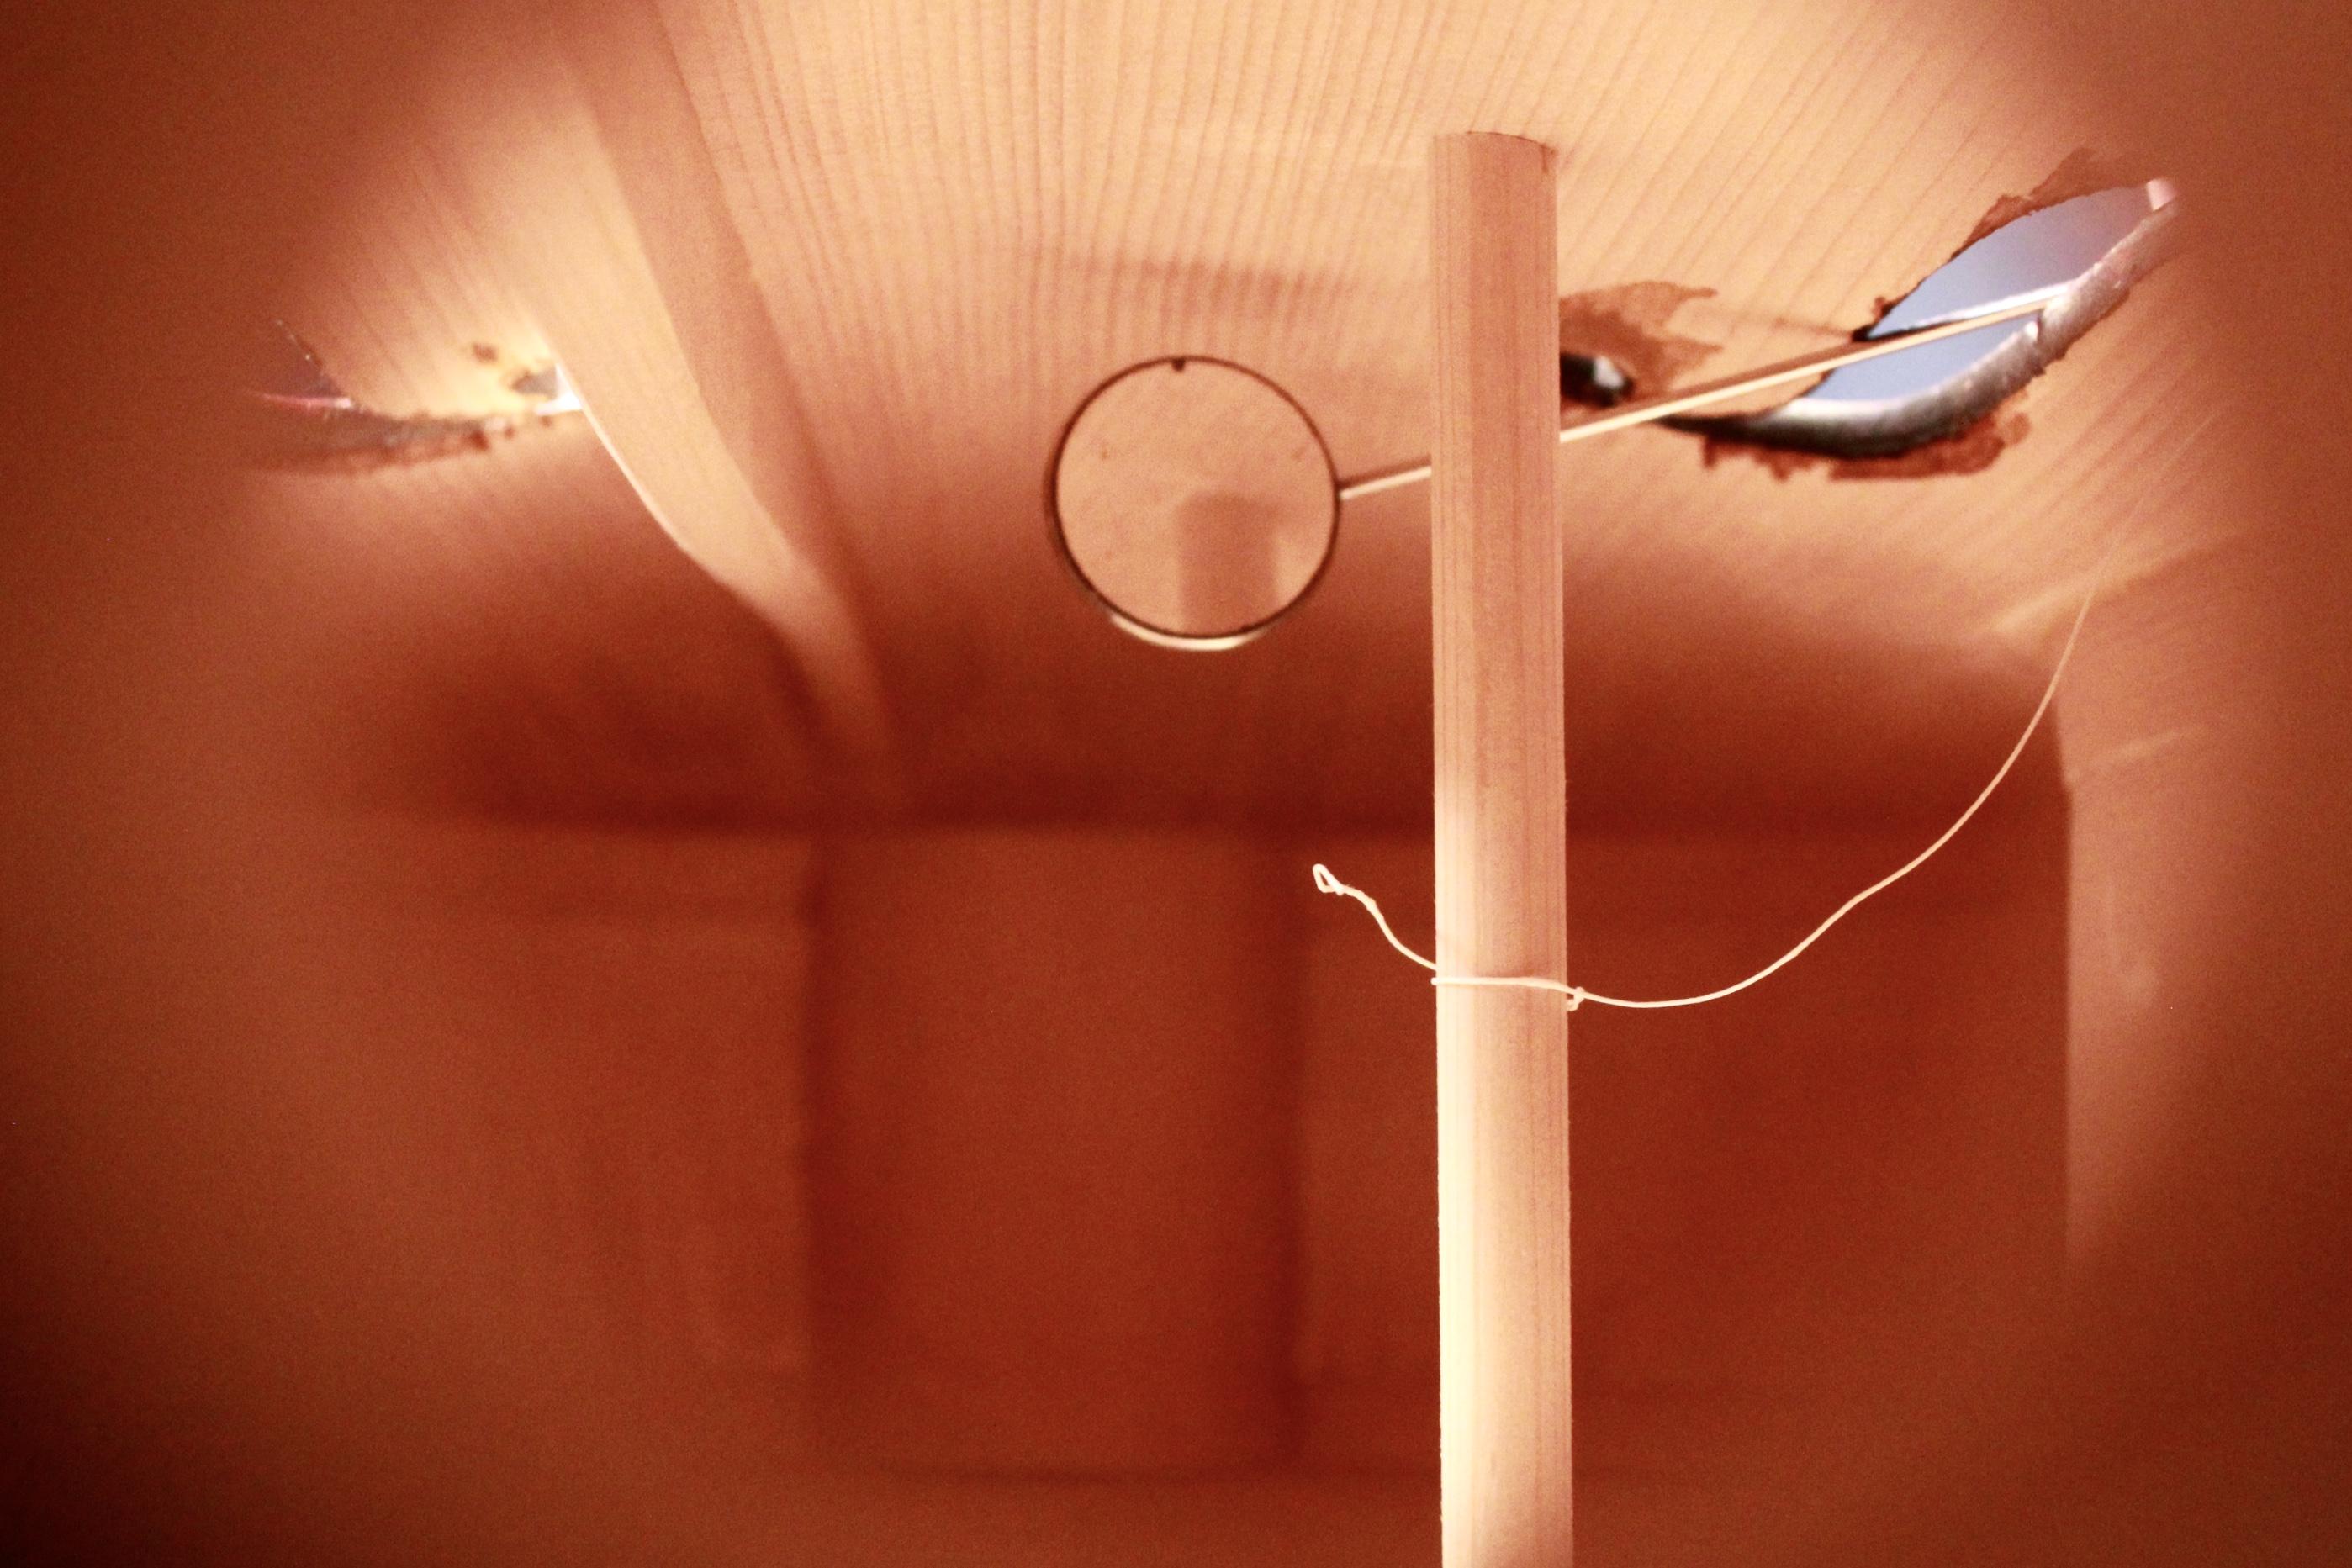 調整中のチェロの魂柱。真っ直ぐに立っているでしょうか…。